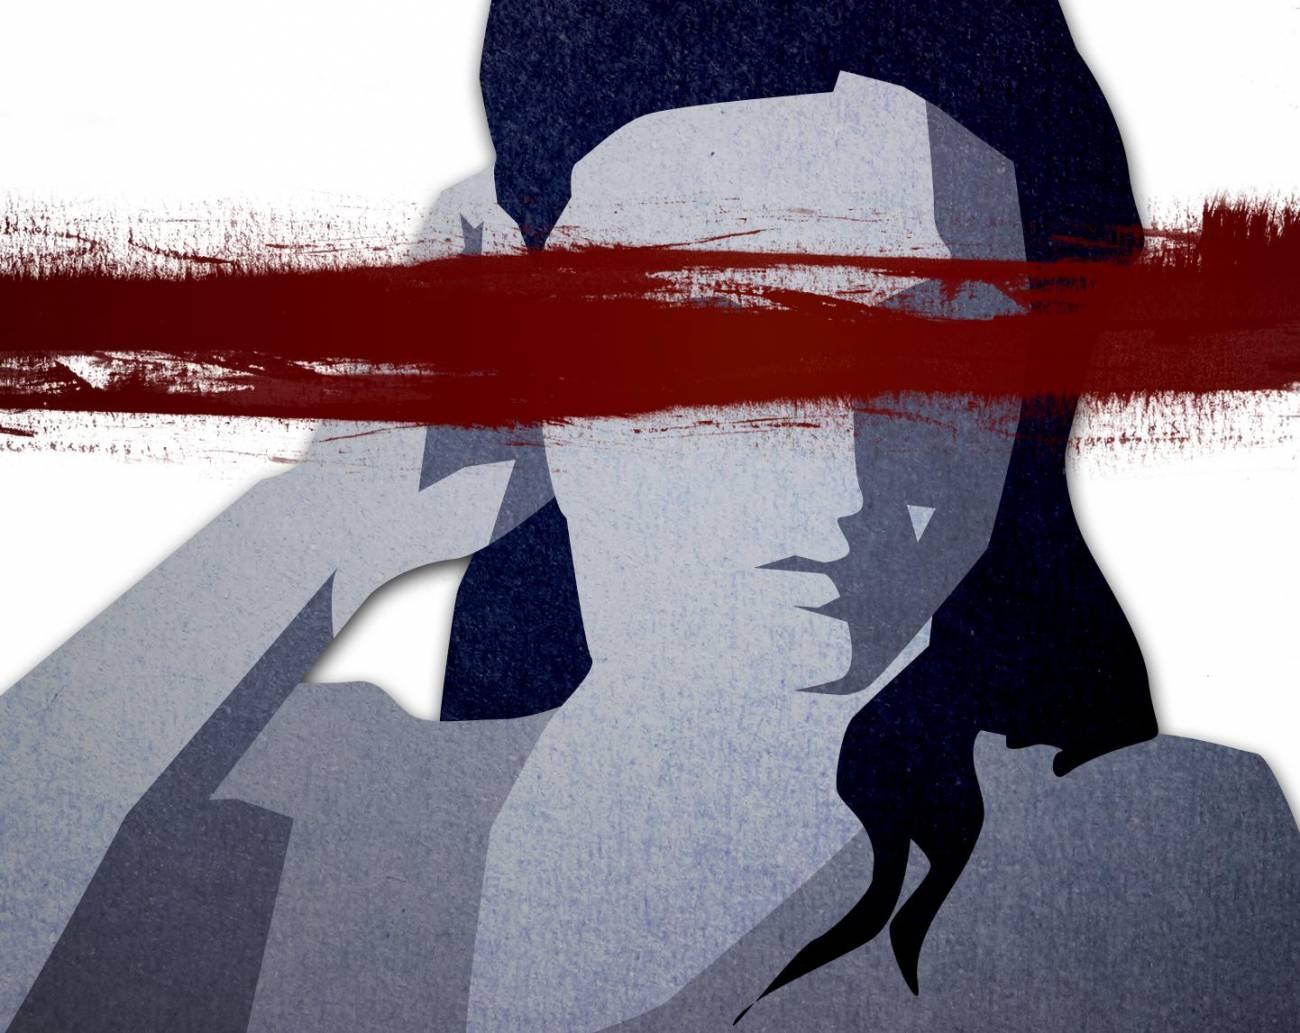 Al presentar como atractiva a la acusada de matar a su maltratador, los participantes le atribuyeron mayor responsabilidad en los hechos. Imagen: Trurthout